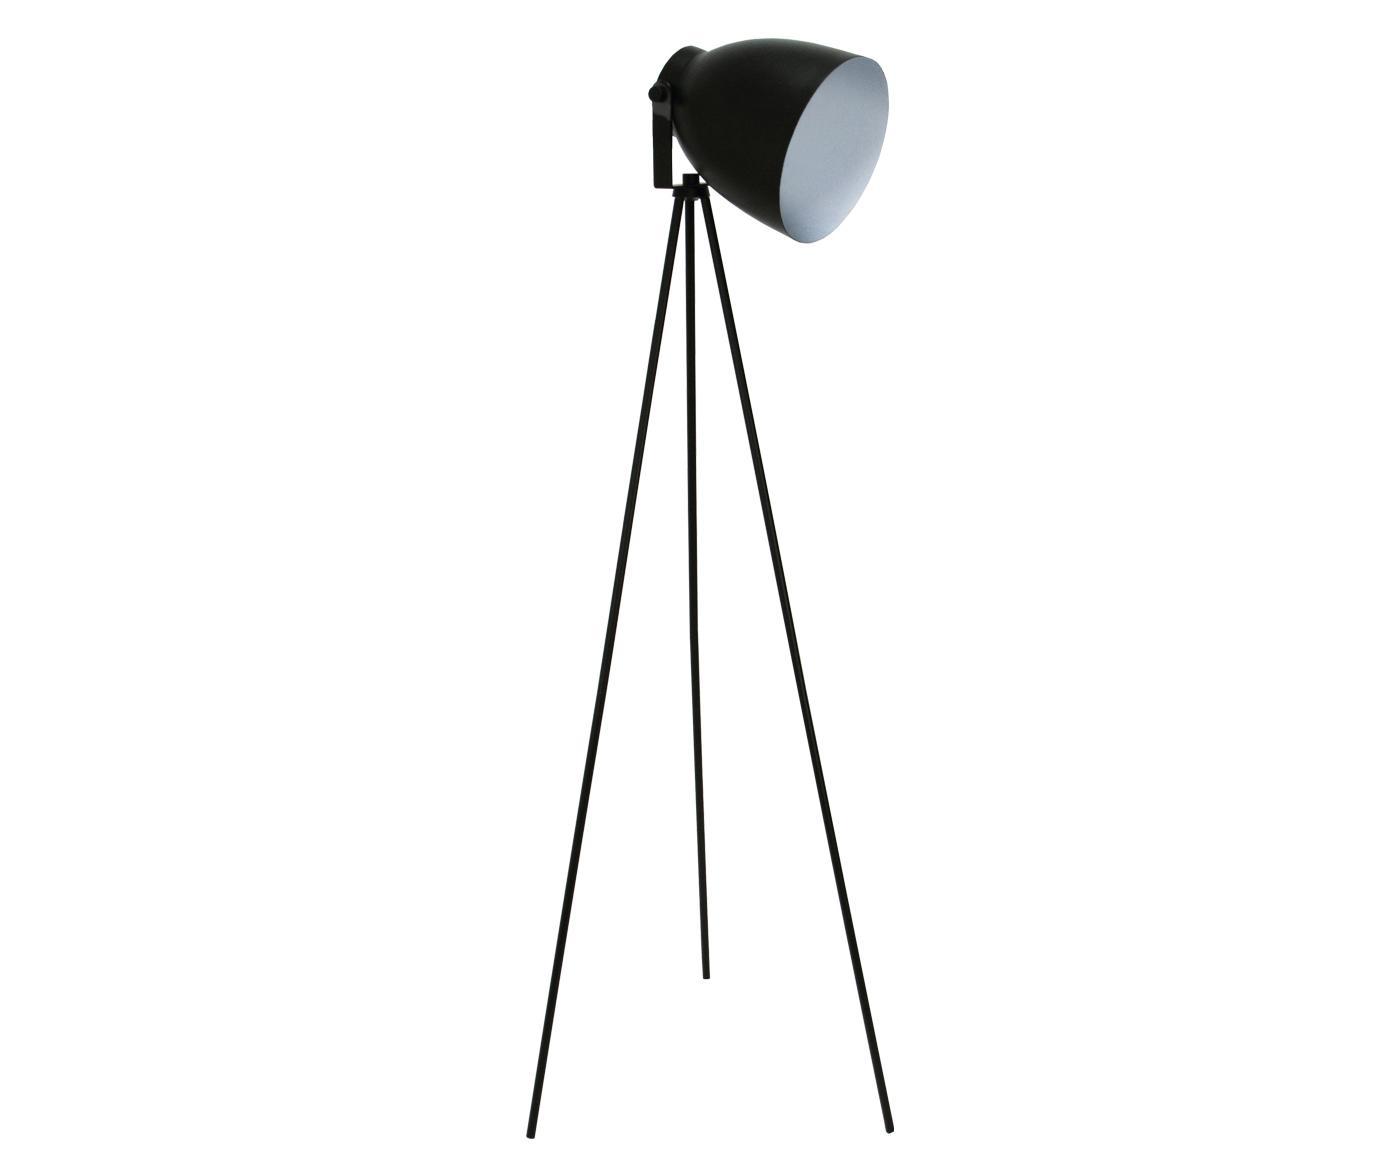 Lampa podłogowa Studio, Stal, Czarny, matowy, S 58 x W 130 cm